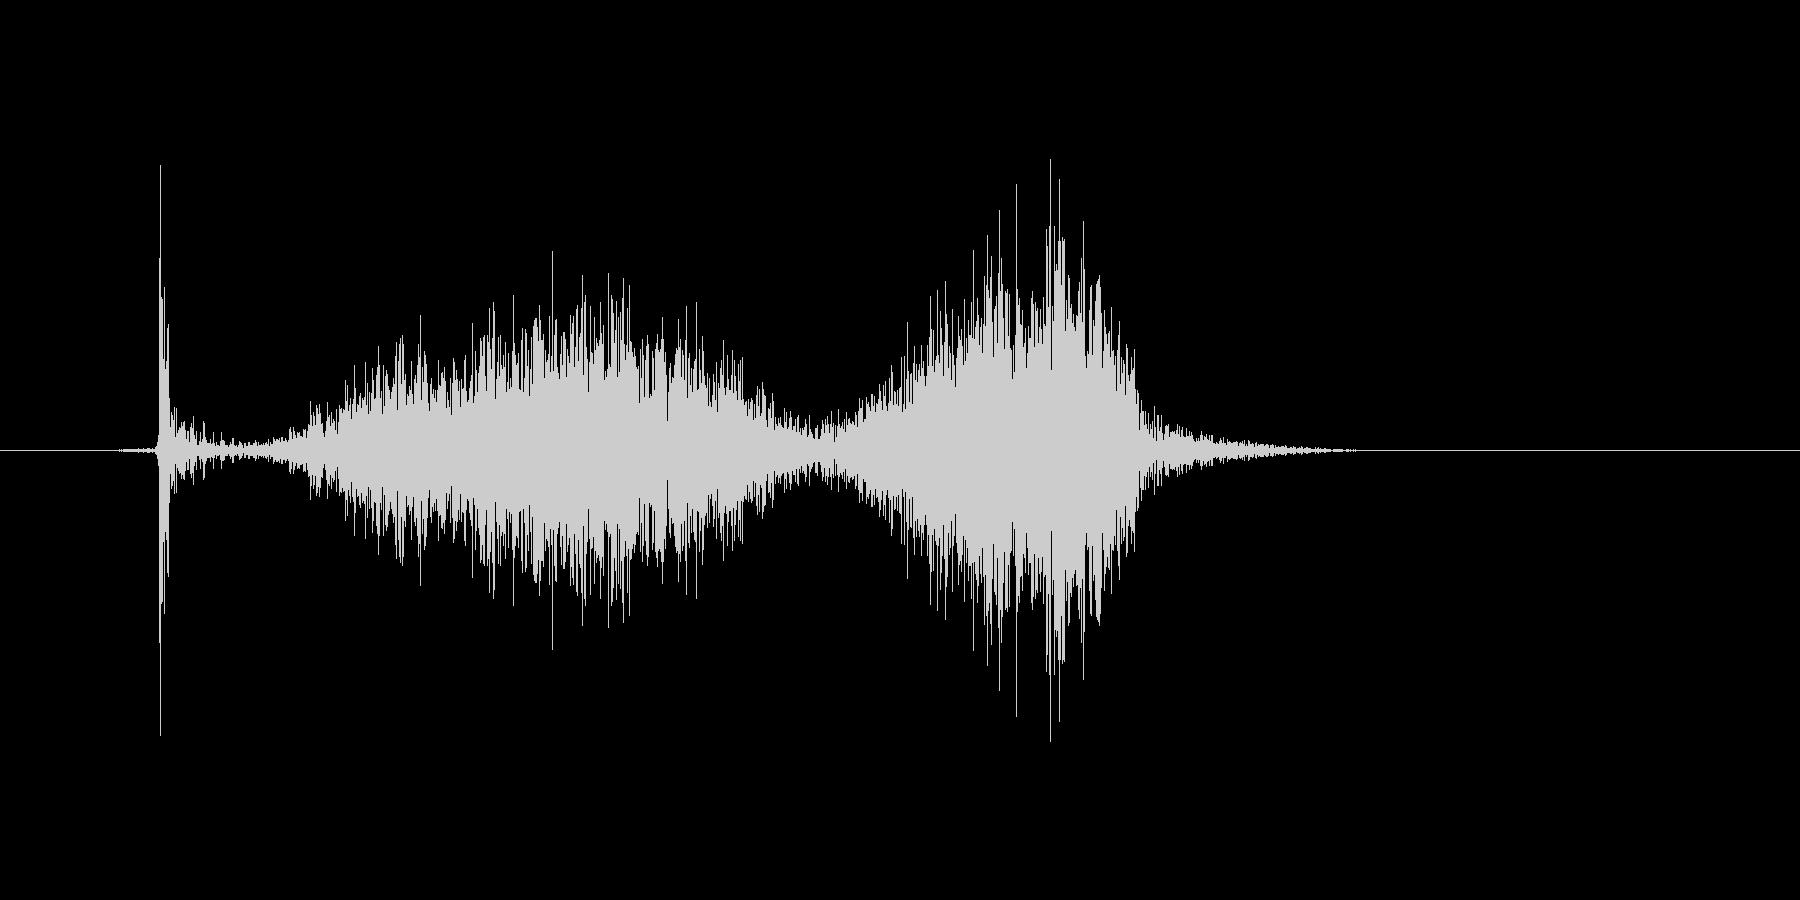 チョークで「はね」を書いたときの効果音2の未再生の波形